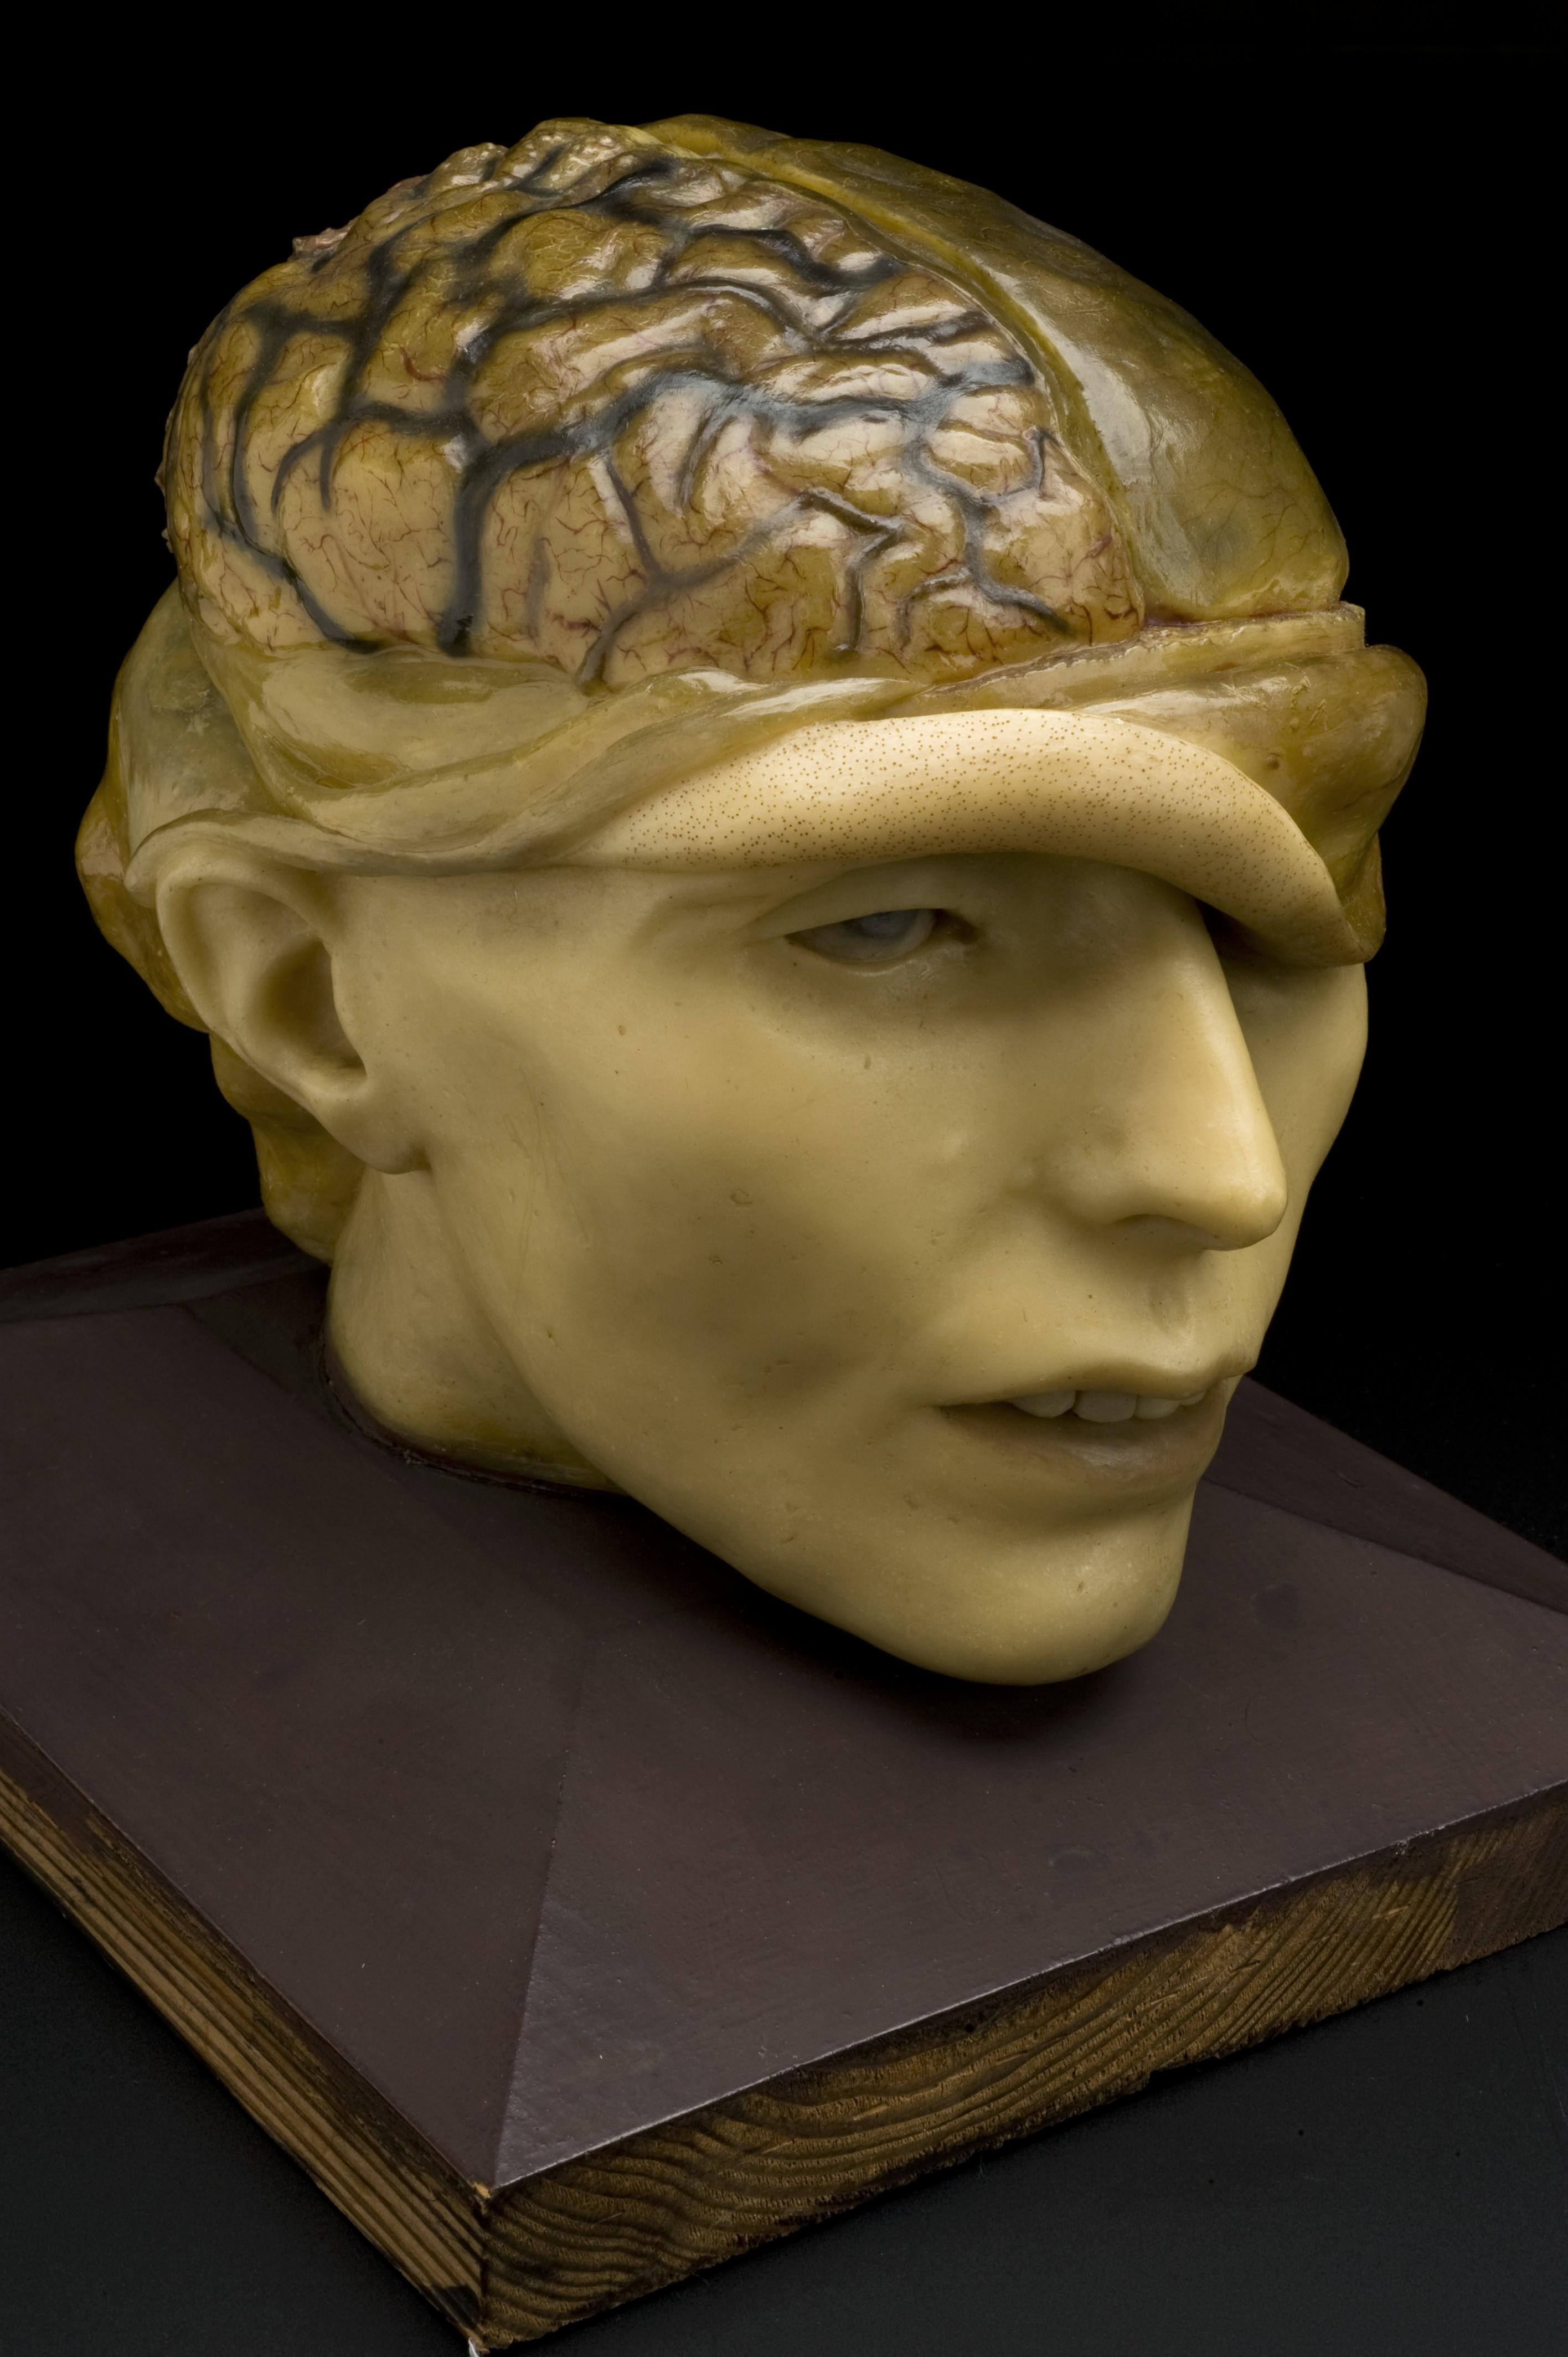 Wax_anatomical_model_of_human_head,_Europe_Wellcome_L0059770.jpg